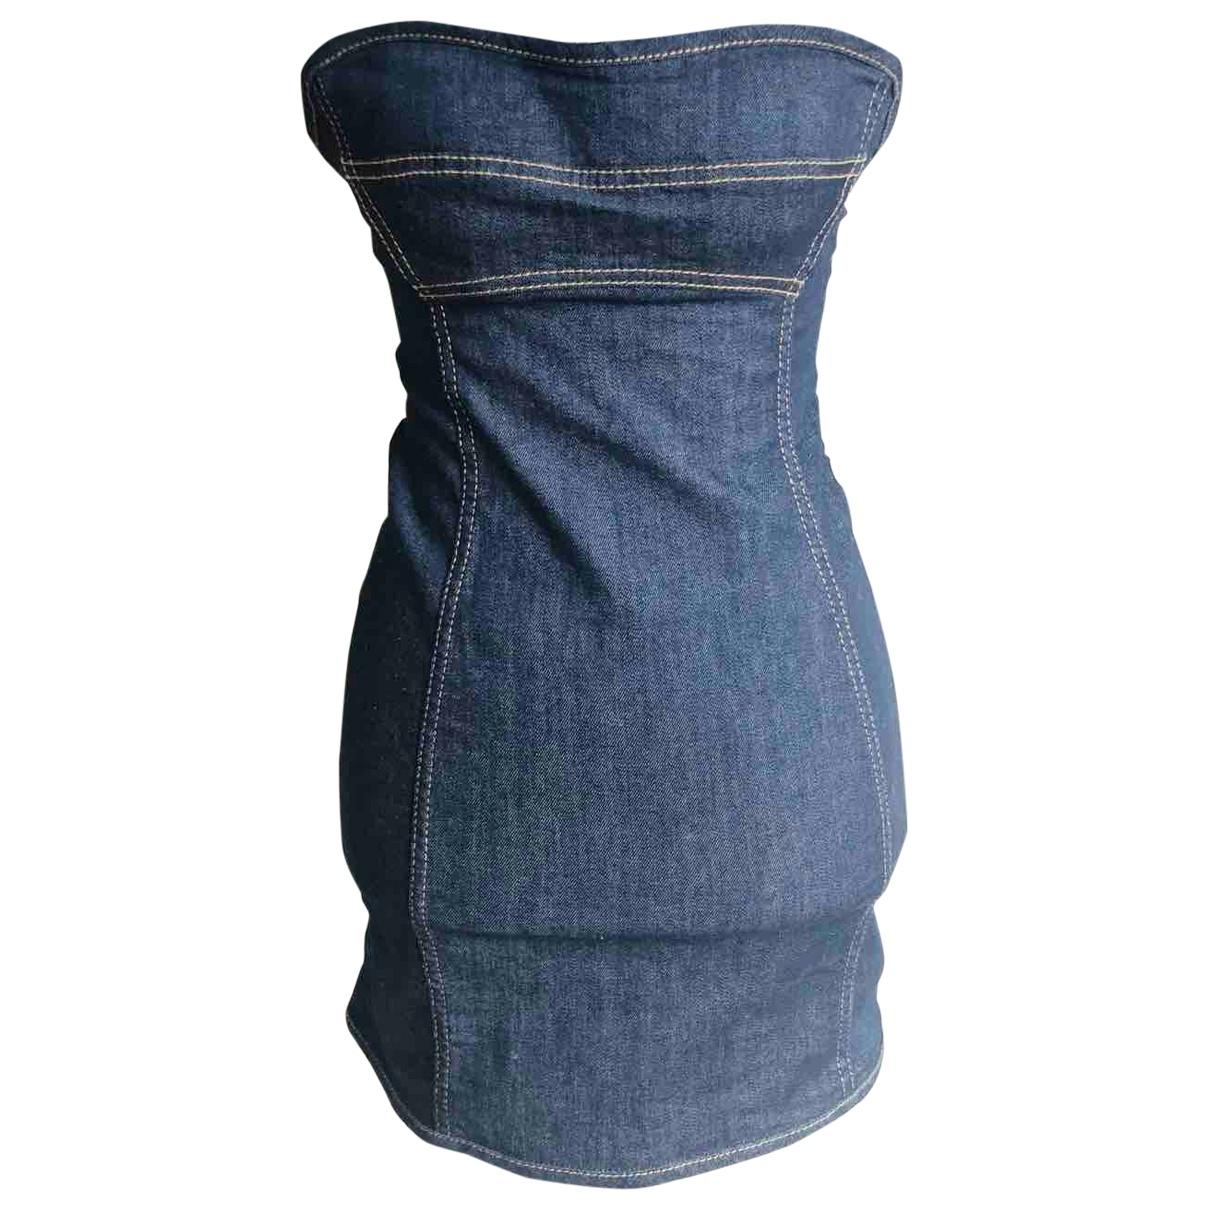 Dsquared2 \N Kleid in  Marine Baumwolle - Elasthan